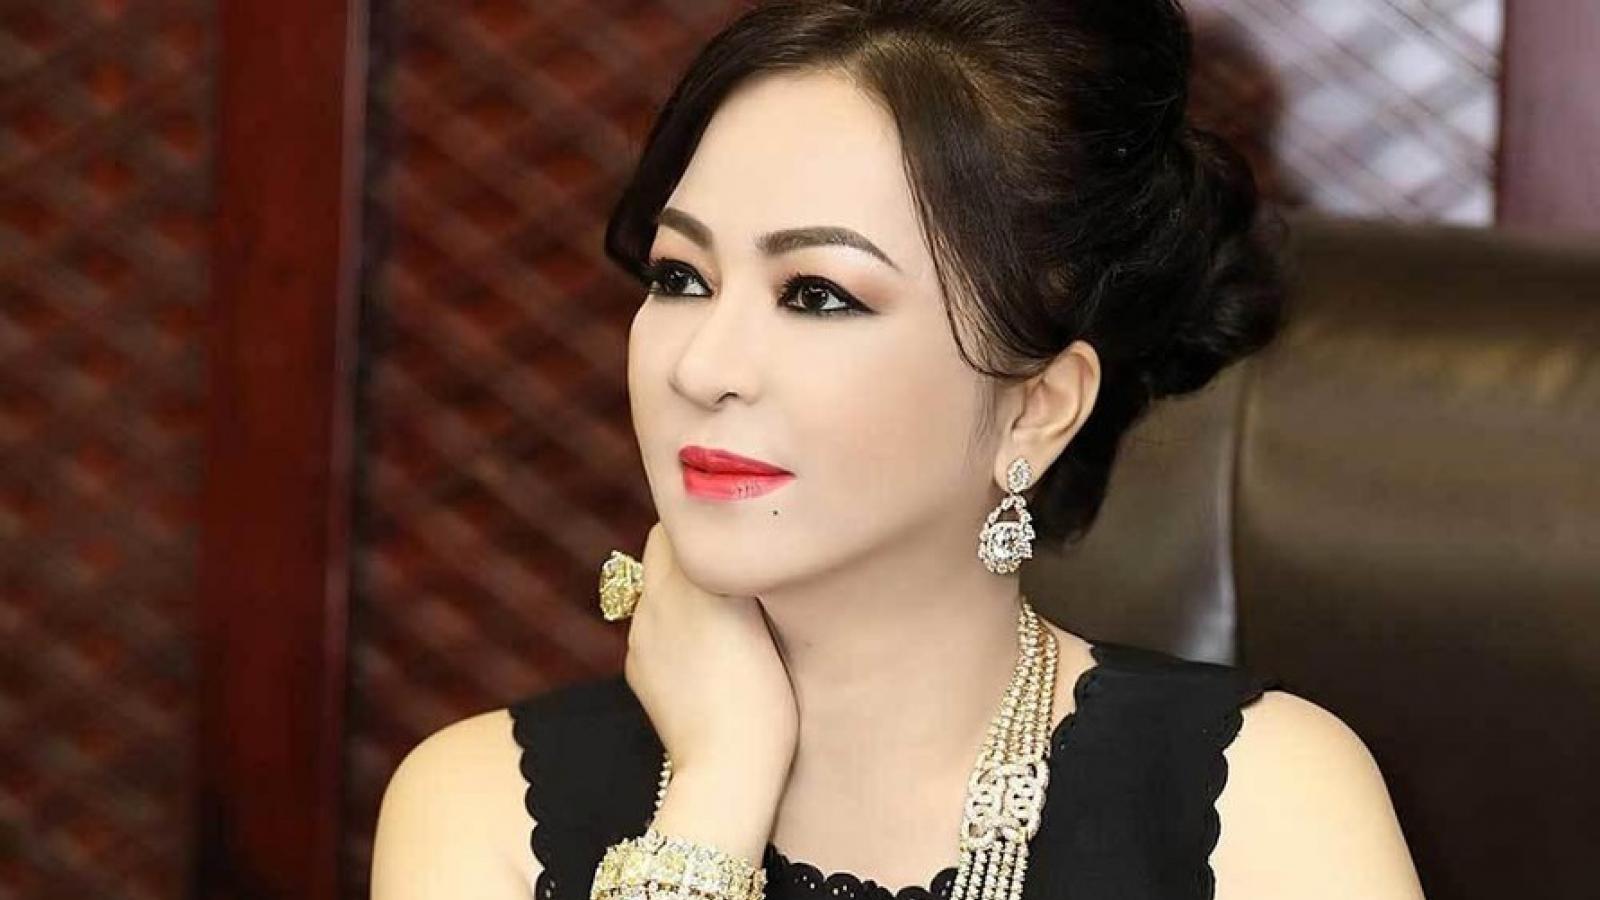 Tòa án thụ lý đơn khởi kiện bà Nguyễn Phương Hằng